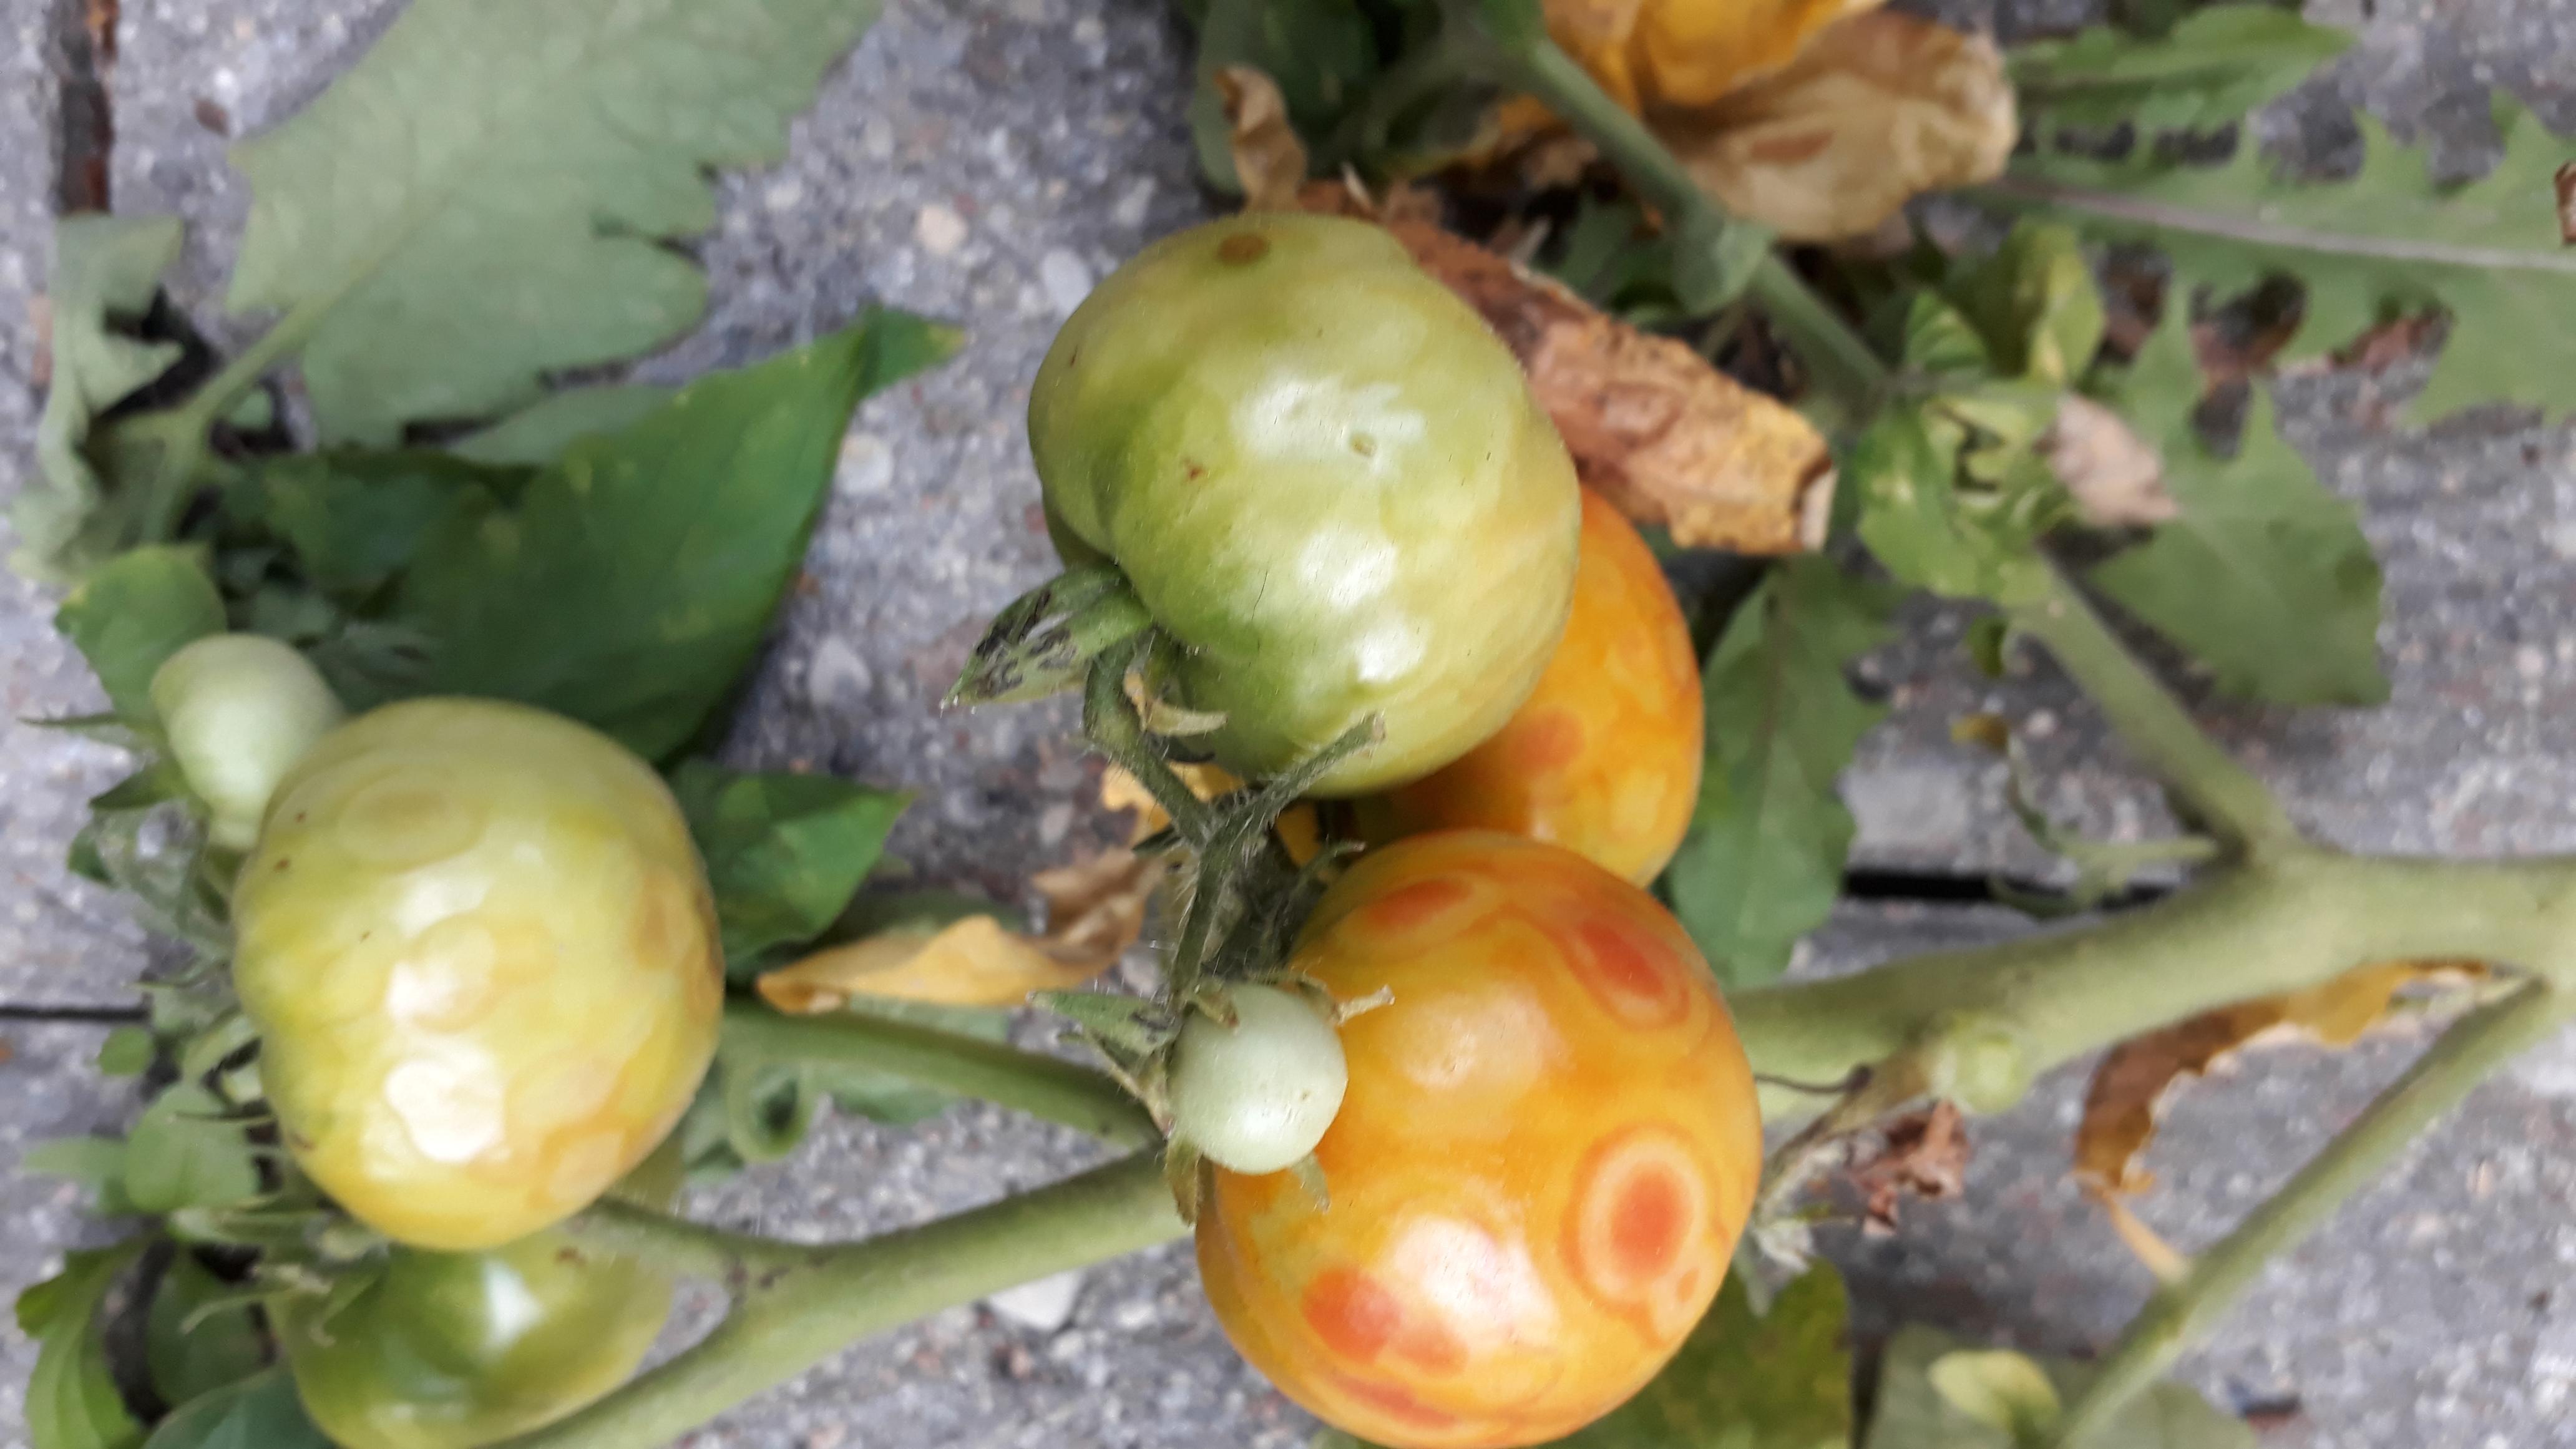 Как бороться с серой гнилью томатов, народные способы и препараты, меры профилактики в 2021 году